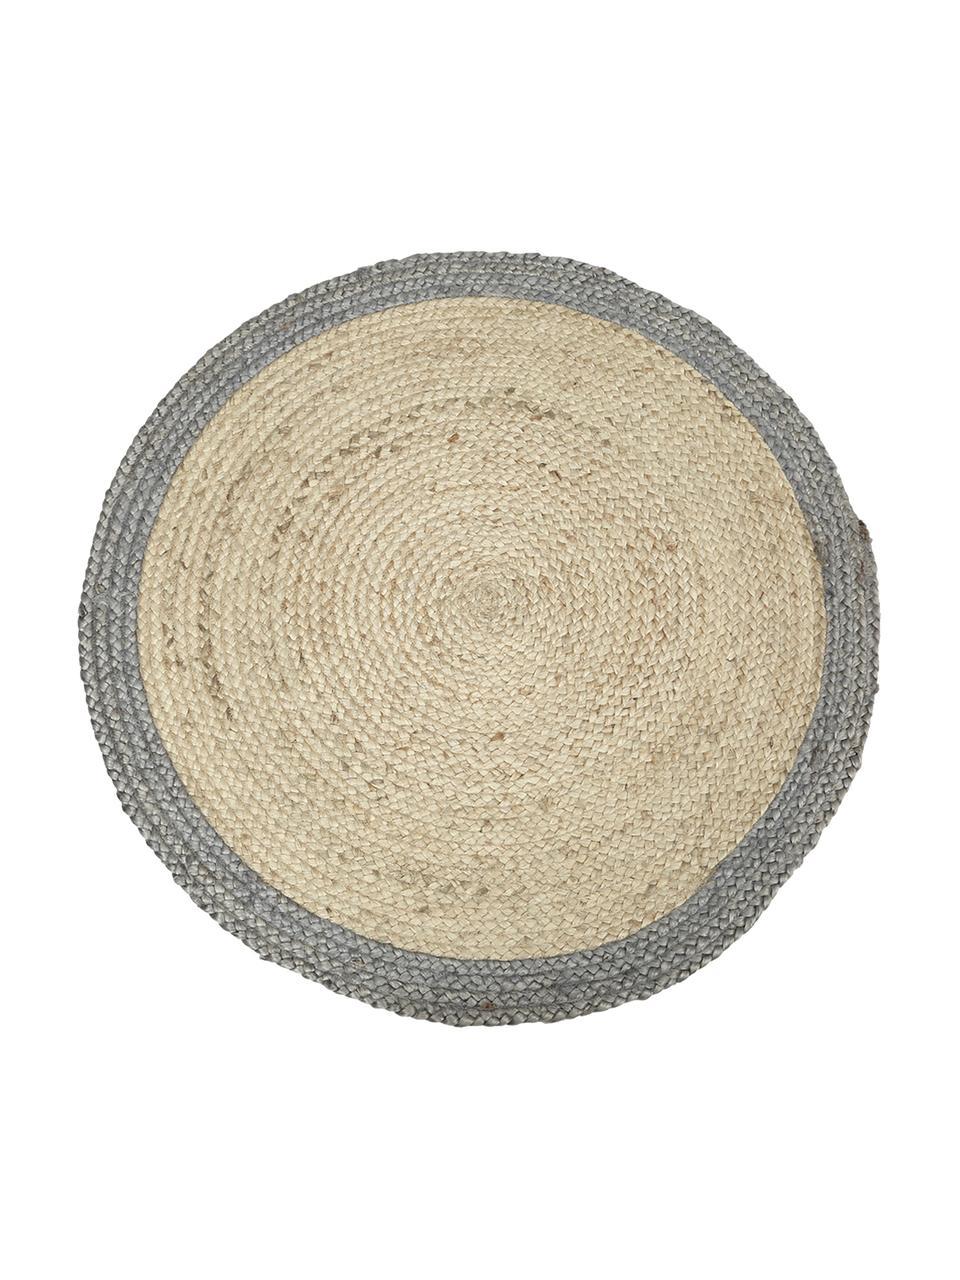 Tappeto rotondo in juta fatto a mano Shanta, 100% juta, Beige, grigio, Ø 100 cm (taglia XS)